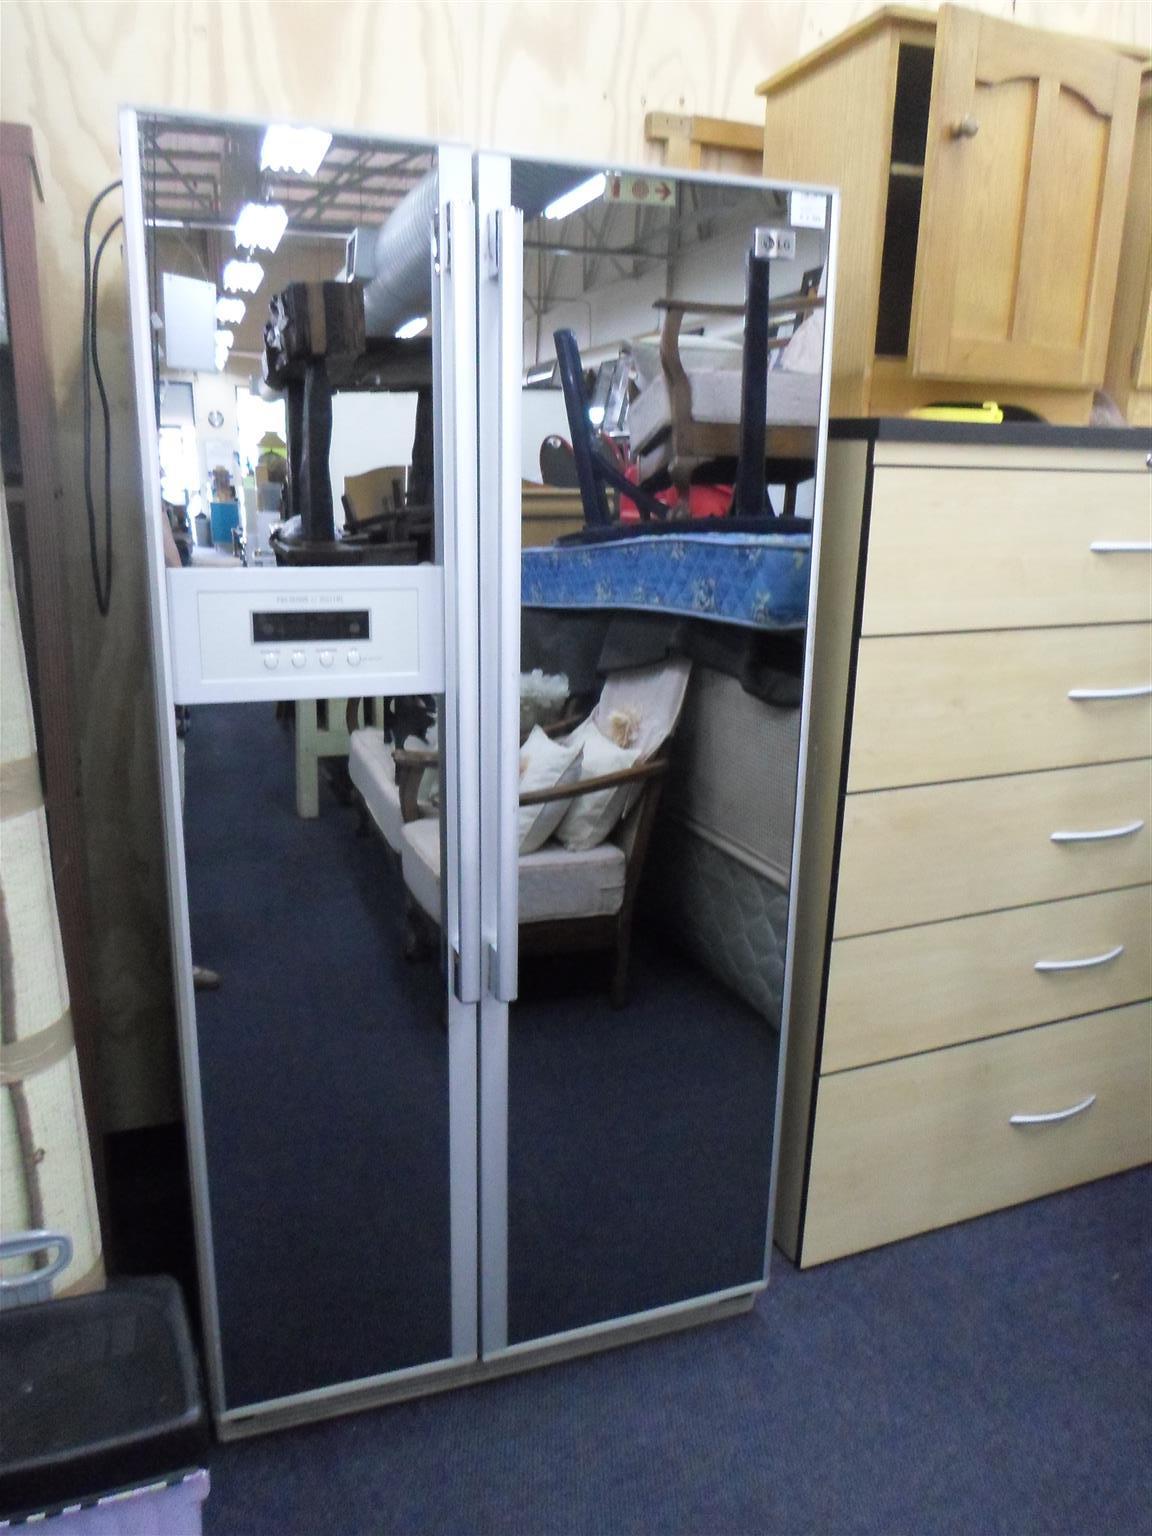 LG Double Door Fridge / Freezer - C033047389-1